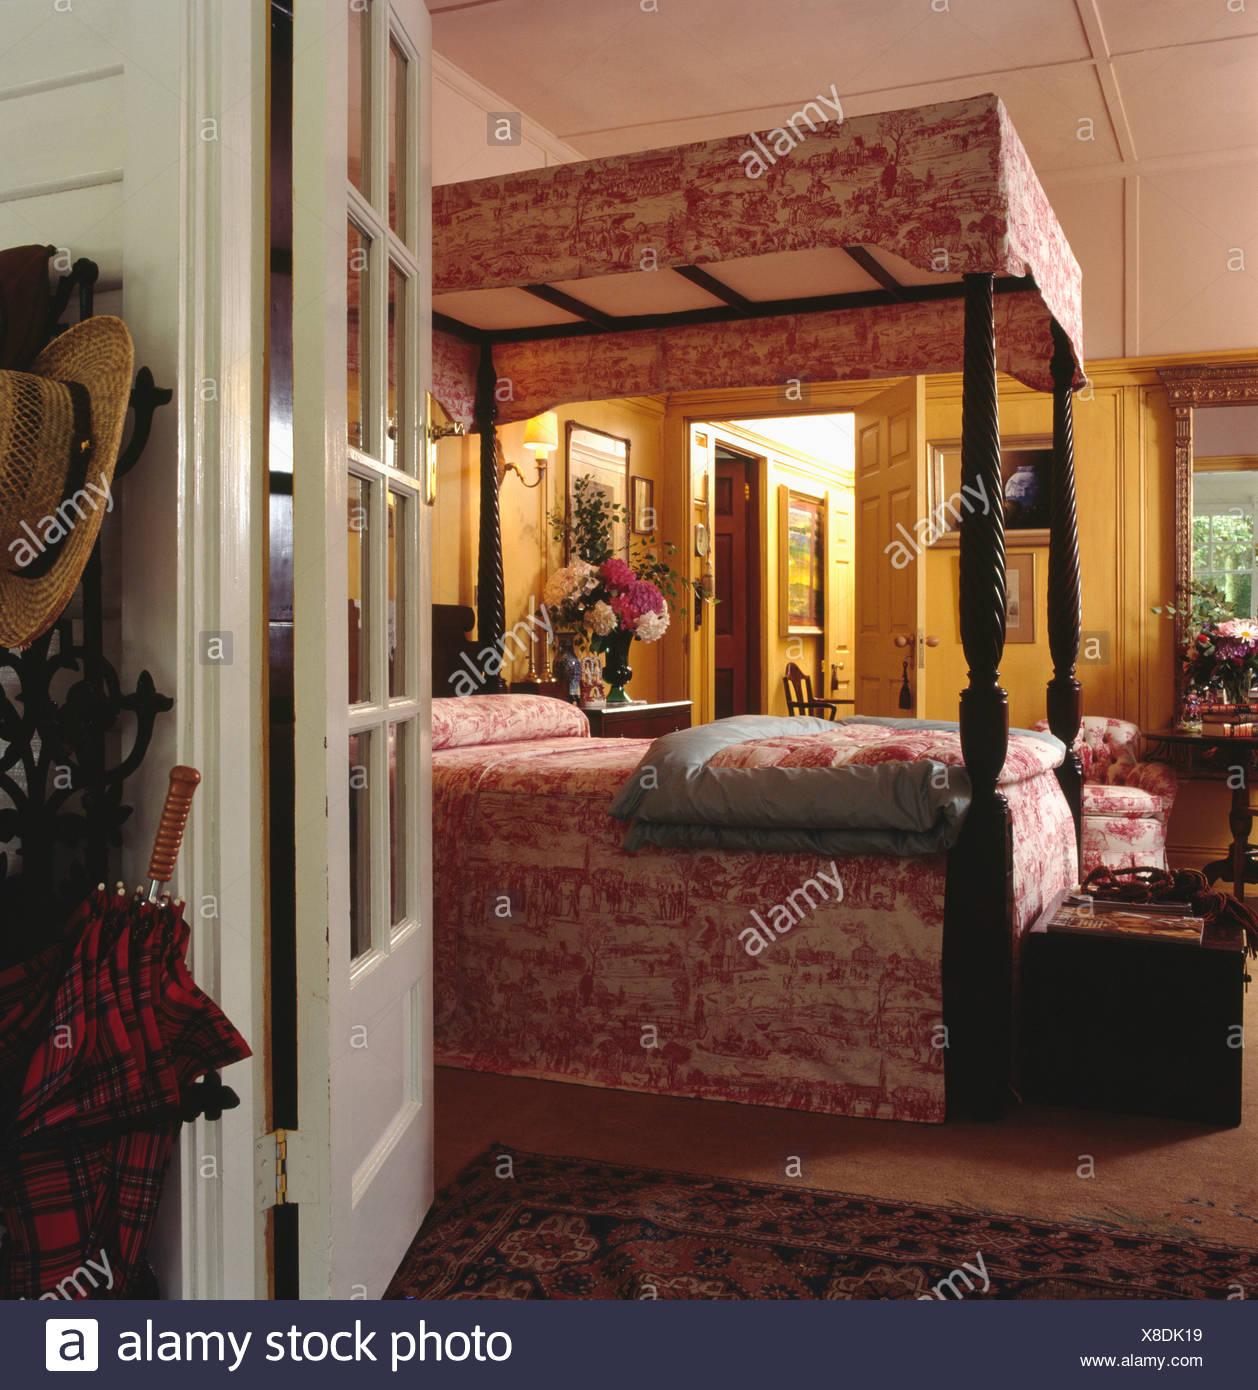 Marvelous Schlafzimmer Tur Offnen #11: Tür Zu öffnen, Zu Land Schlafzimmer Mit Rot Weißen Toile De Jouy  Profilkranz Und Bettdecke Auf Antiken Schlafzimmereinrichtungen Bett